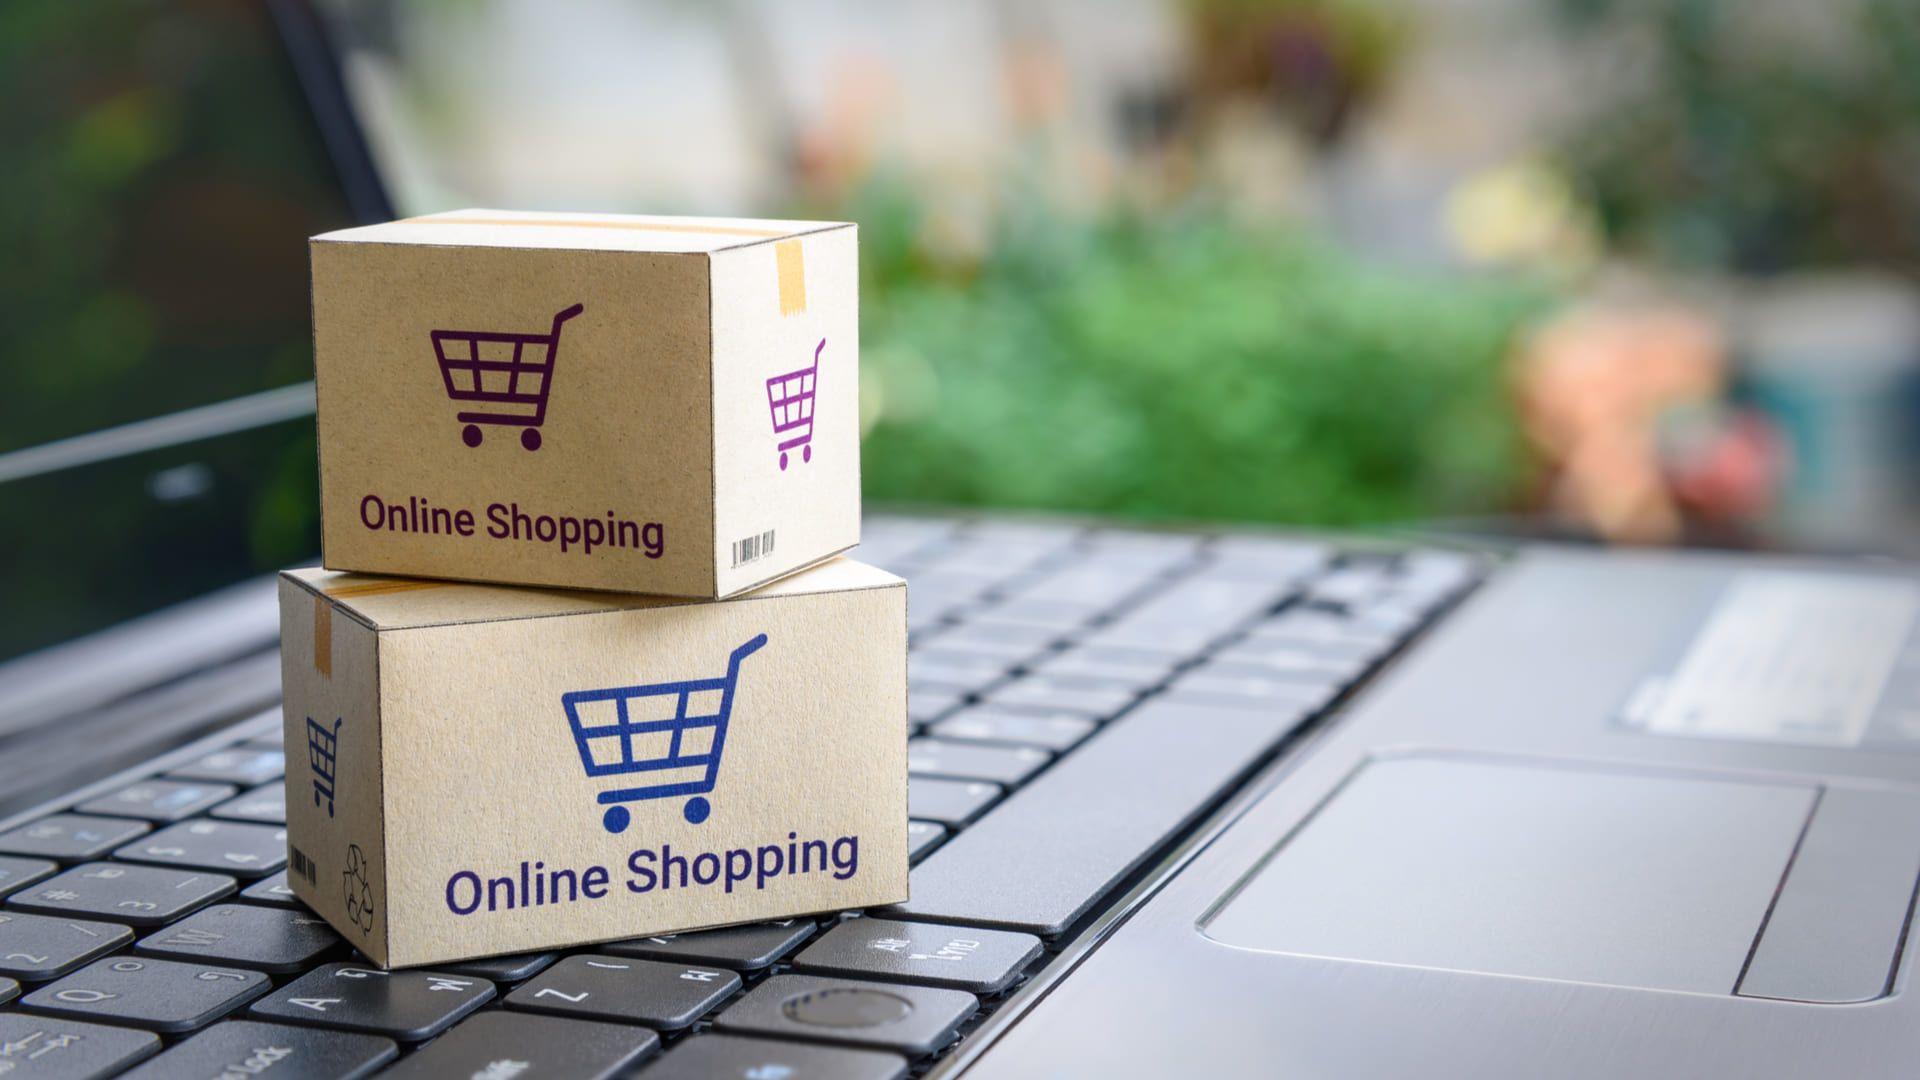 Veja como economizar e garantir bons descontos no Dia do Consumidor. (Imagem: Reprodução/Shutterstock)